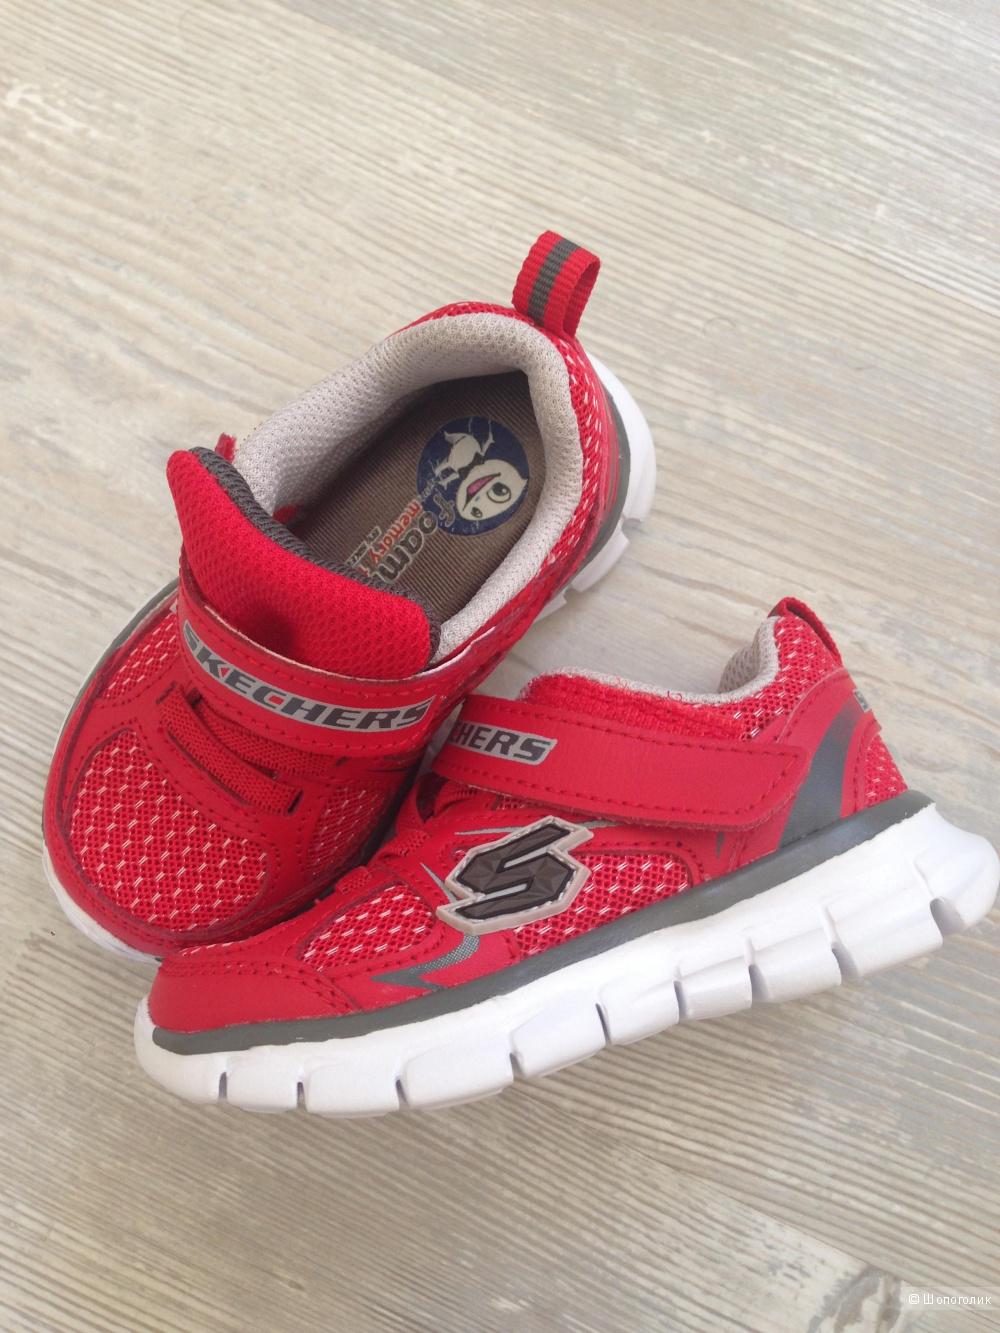 Детские летние кроссовки Skechers (унисекс) в идеальном состоянии